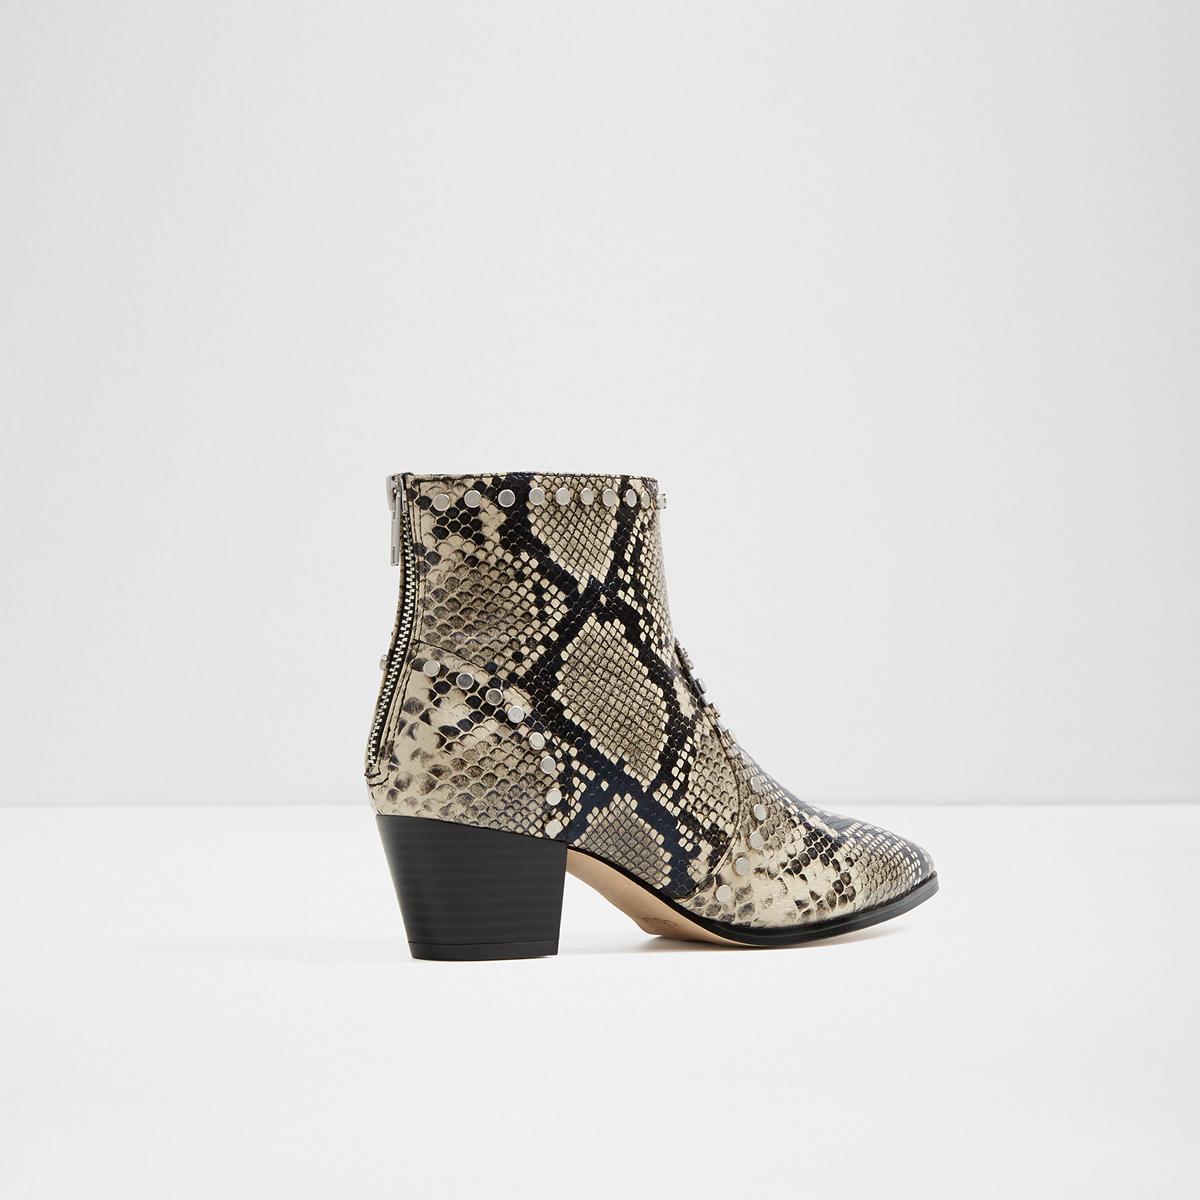 ALDO ALERAMA - Ankle boots - natural wd7y8R1z3